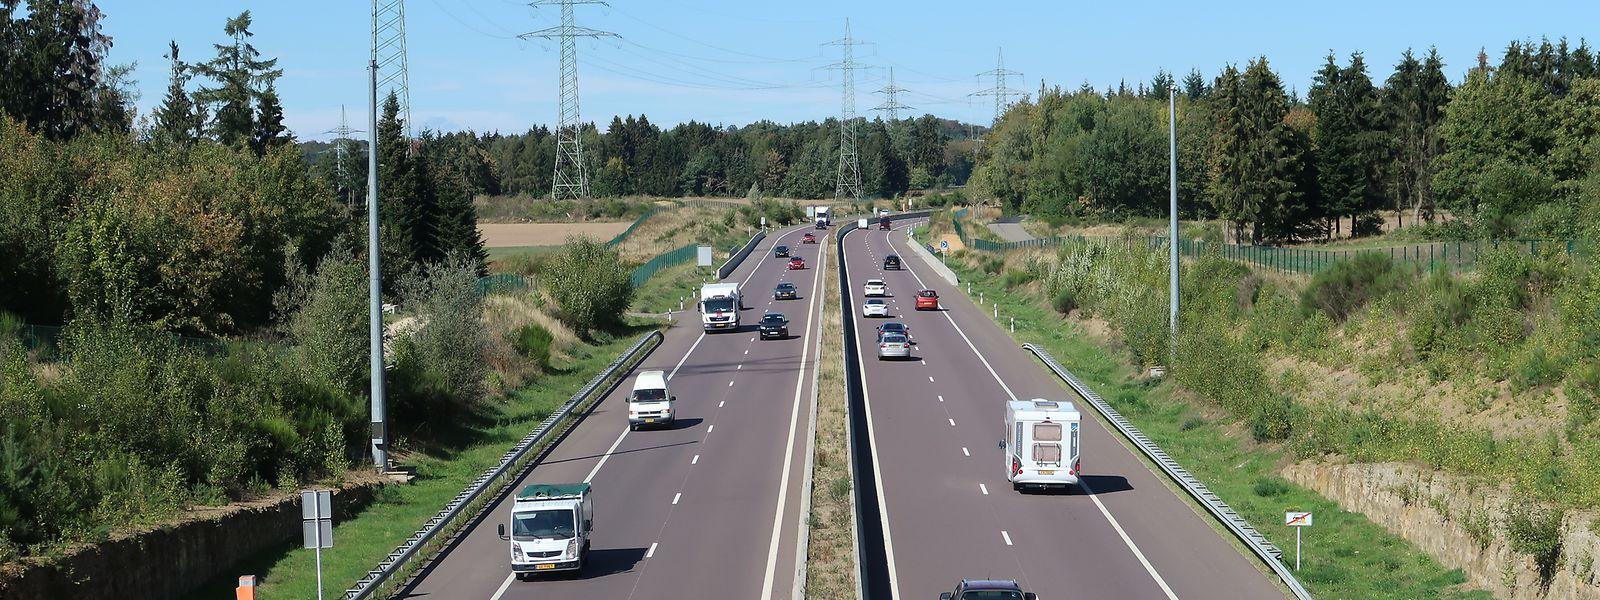 Täglich werden rund 28 000 Fahrzeugbewegungen auf der A7 zwischen Lorentzweiler und Kirchberg gezählt.